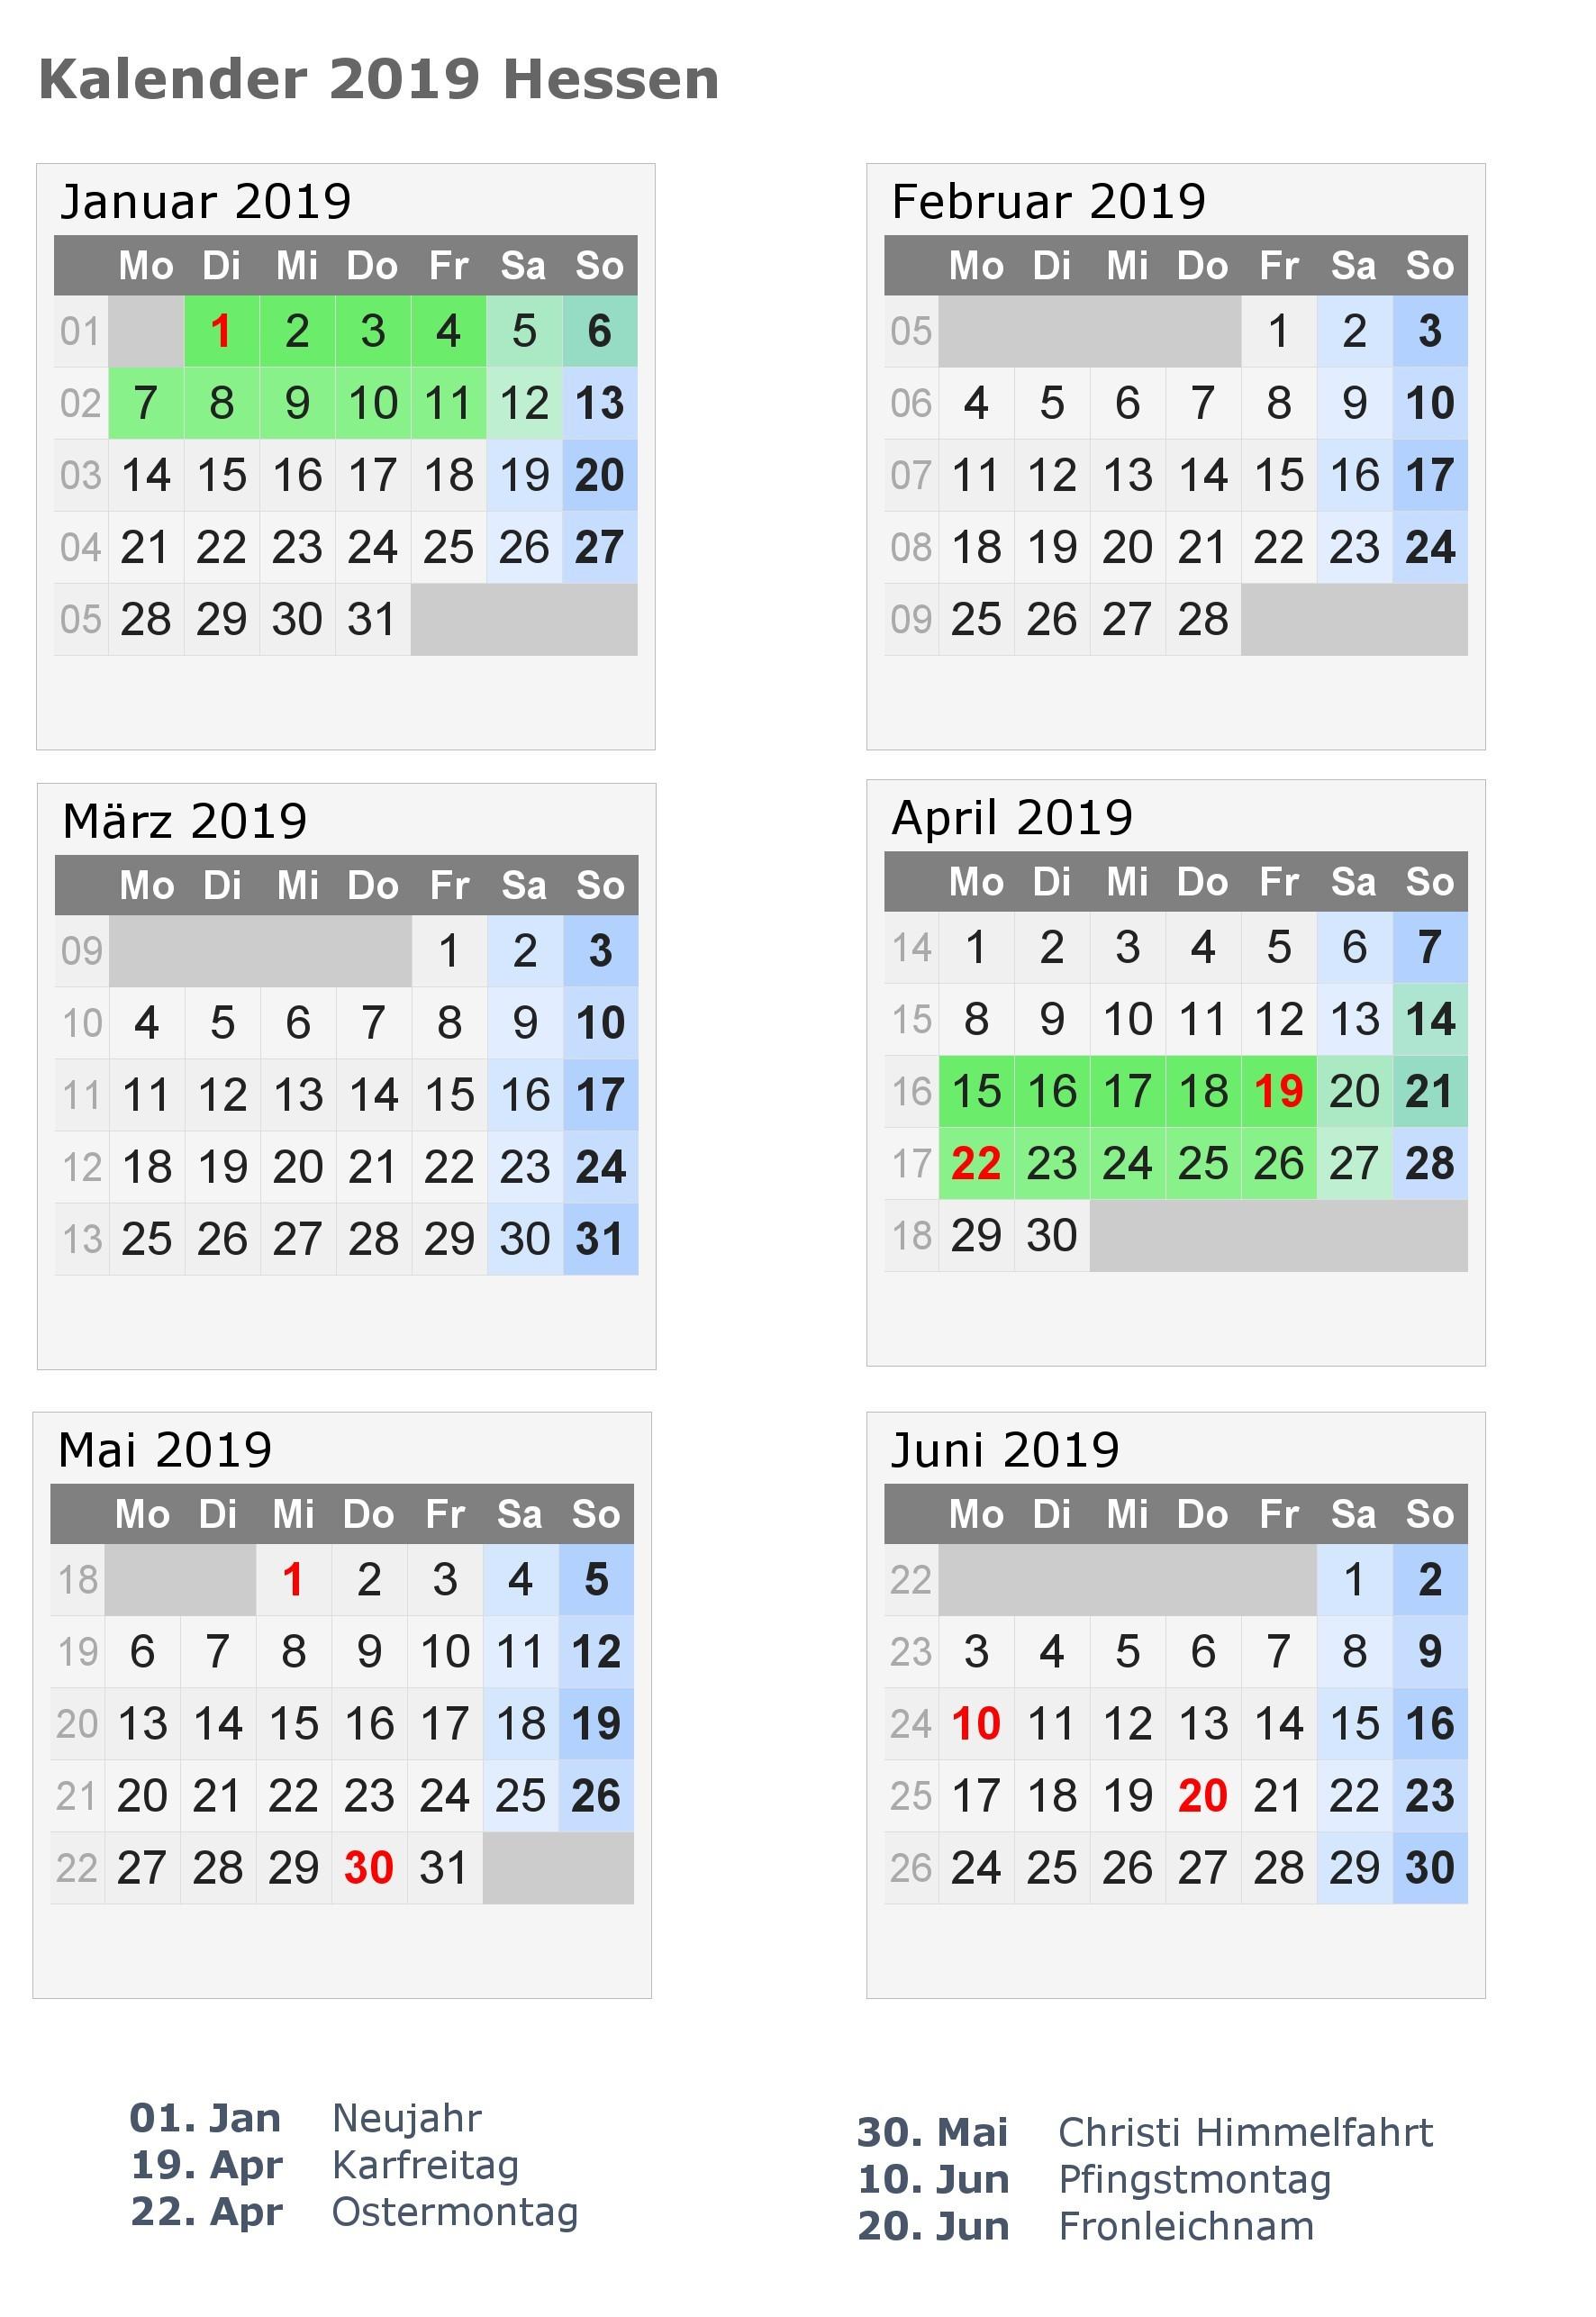 Halbjahreskalender 2019 zum ausdrucken [pdf excel word] kalender